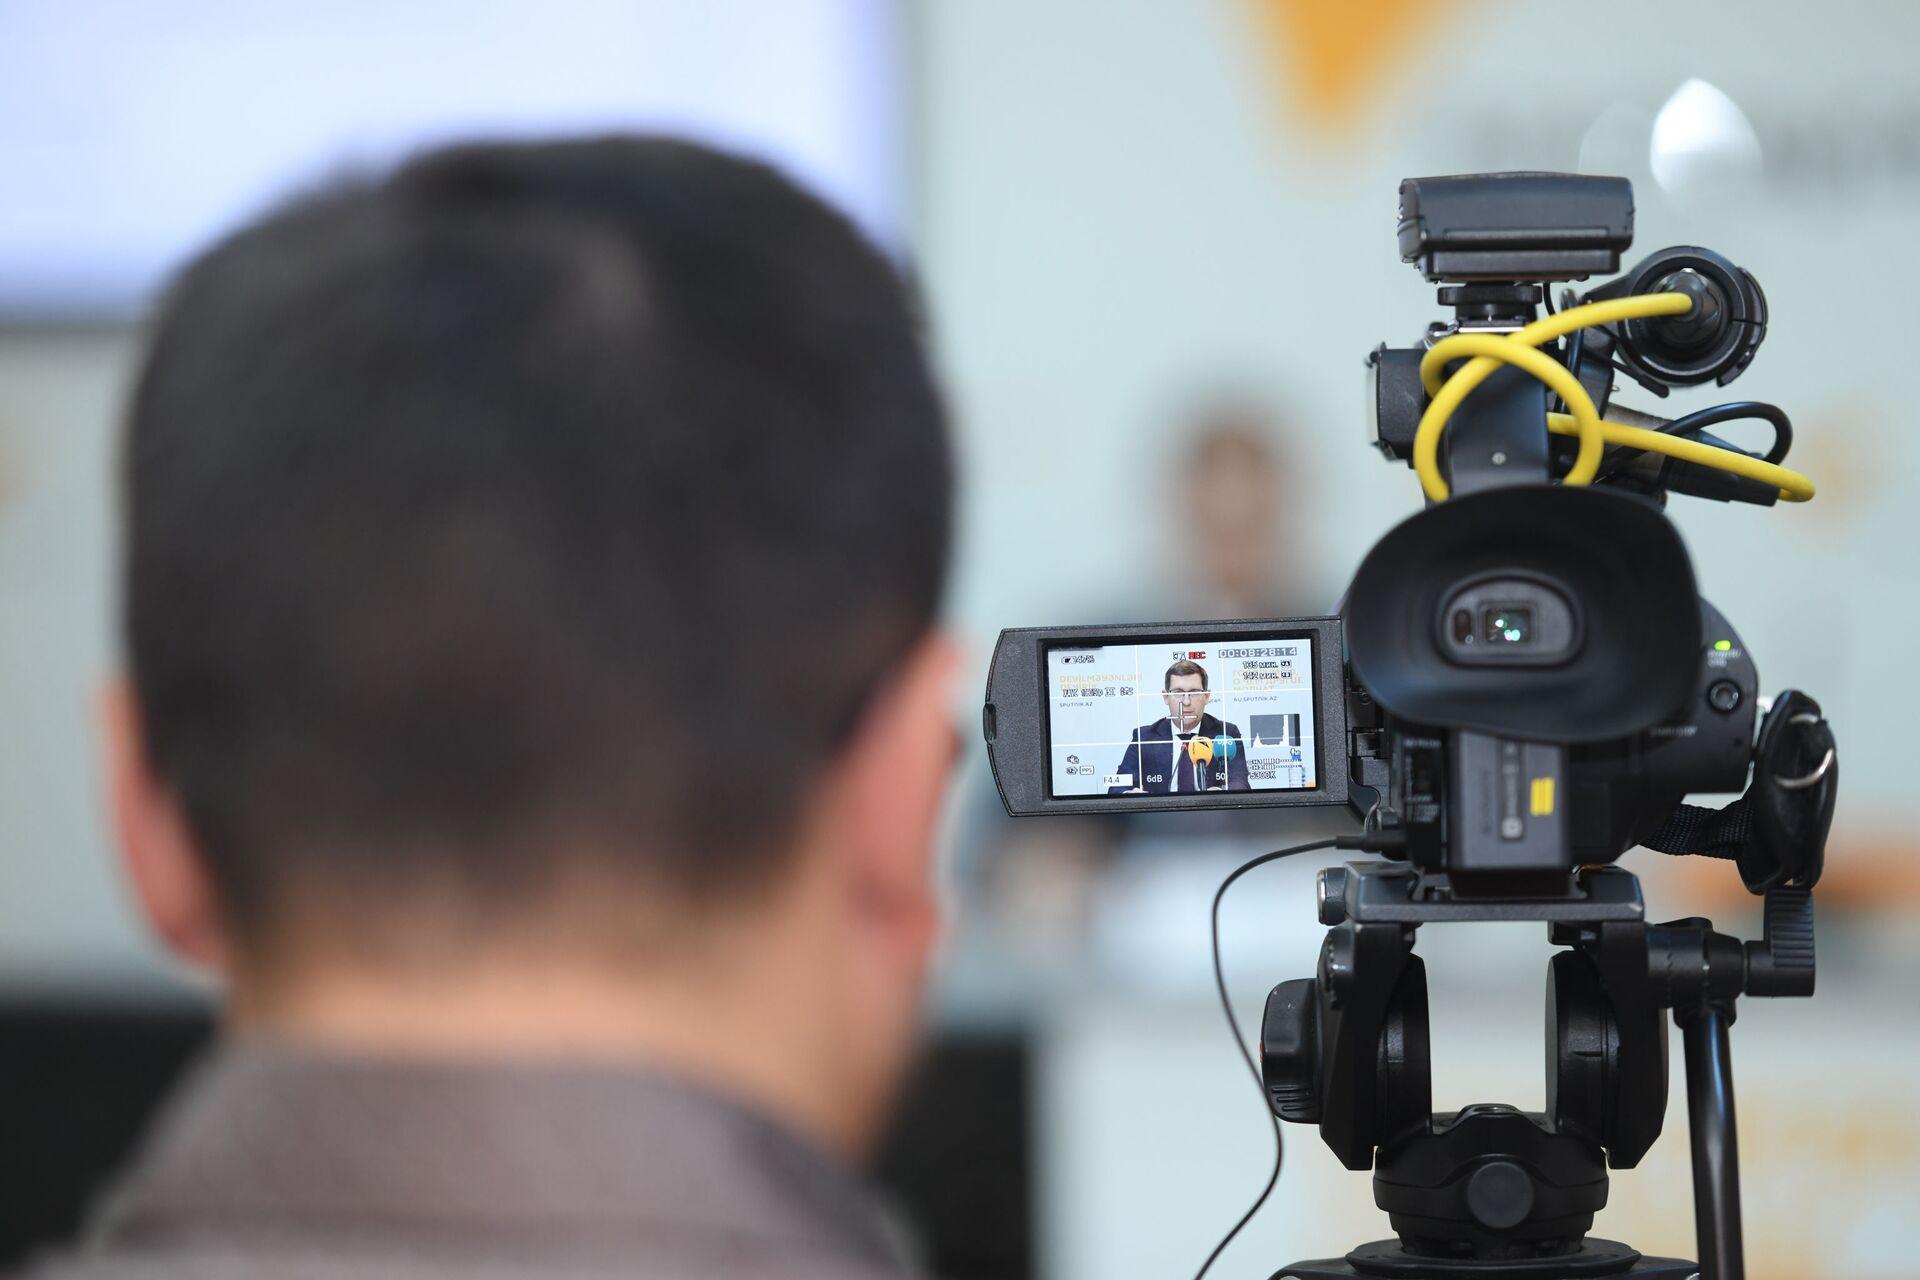 Пресс-конференция в Мультимедийном пресс-центре Sputnik Азербайджан на  тему азербайджано-российское торгово-экономическое сотрудничество - Sputnik Азербайджан, 1920, 01.10.2021